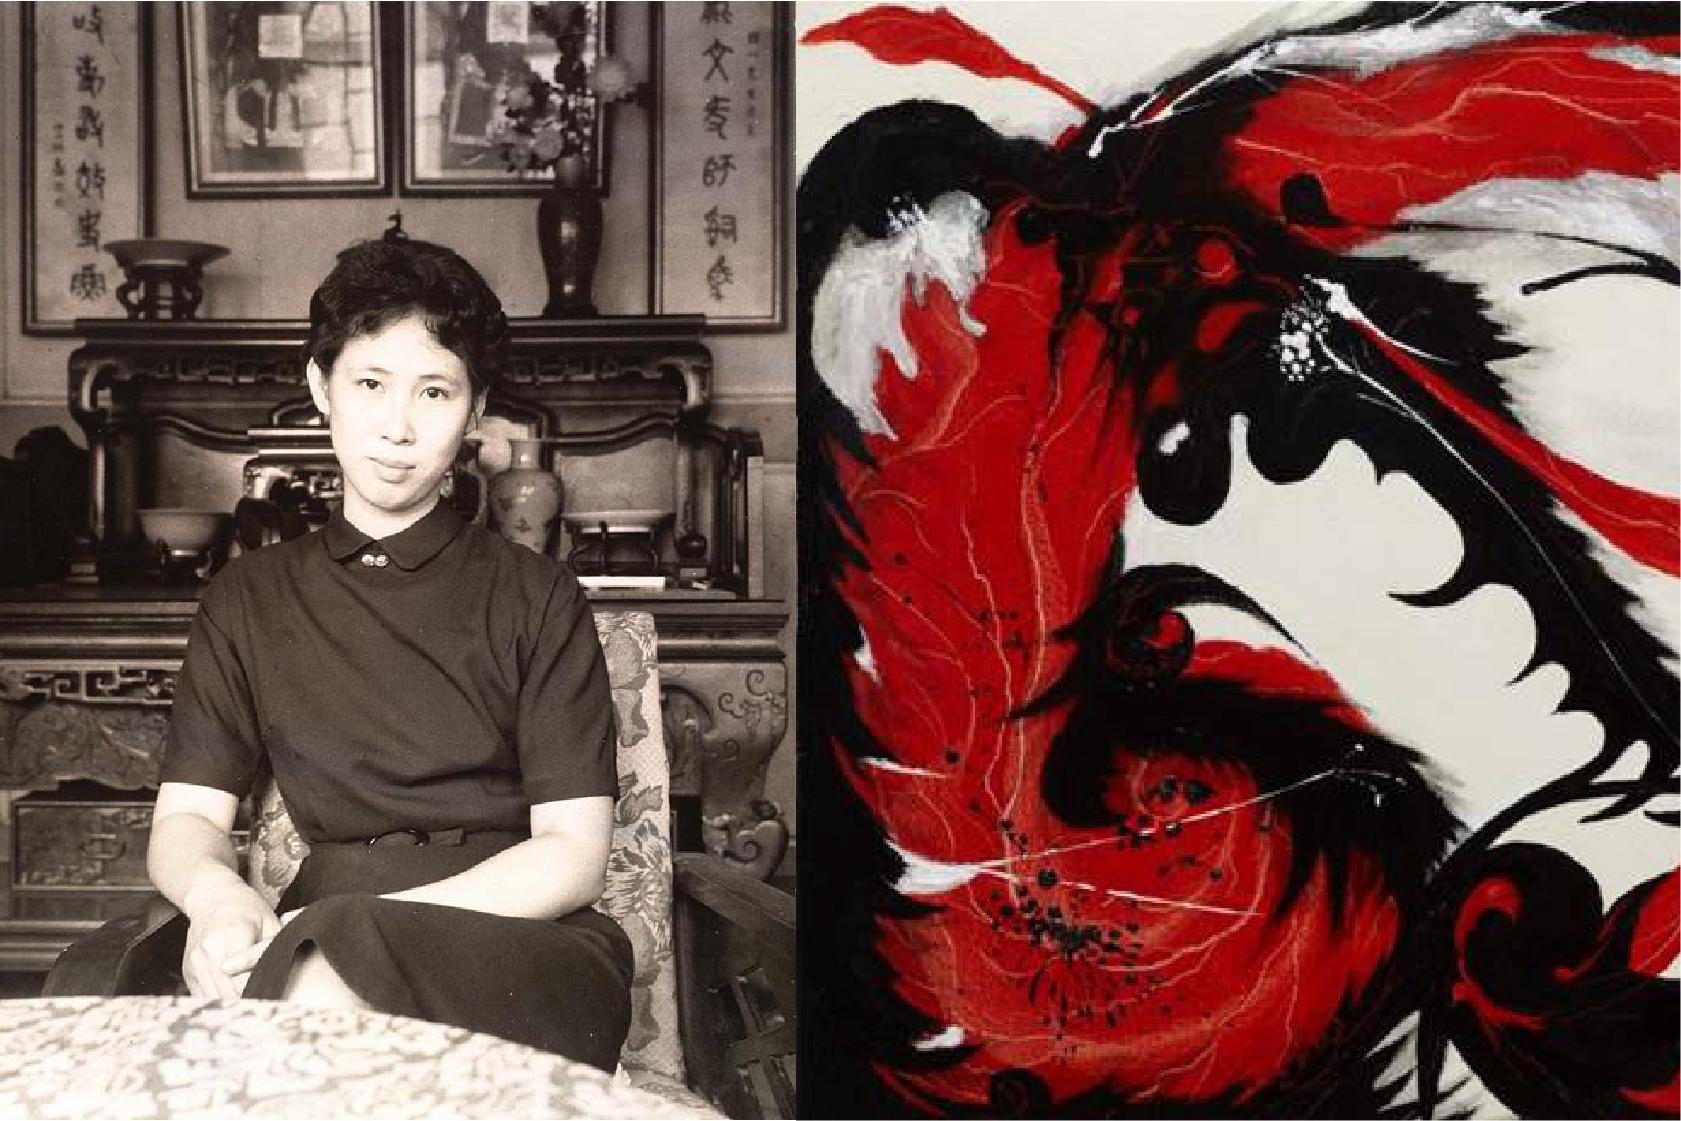 追求藝術的生命|鄭瓊娟的藝術旅程酸甜苦澀